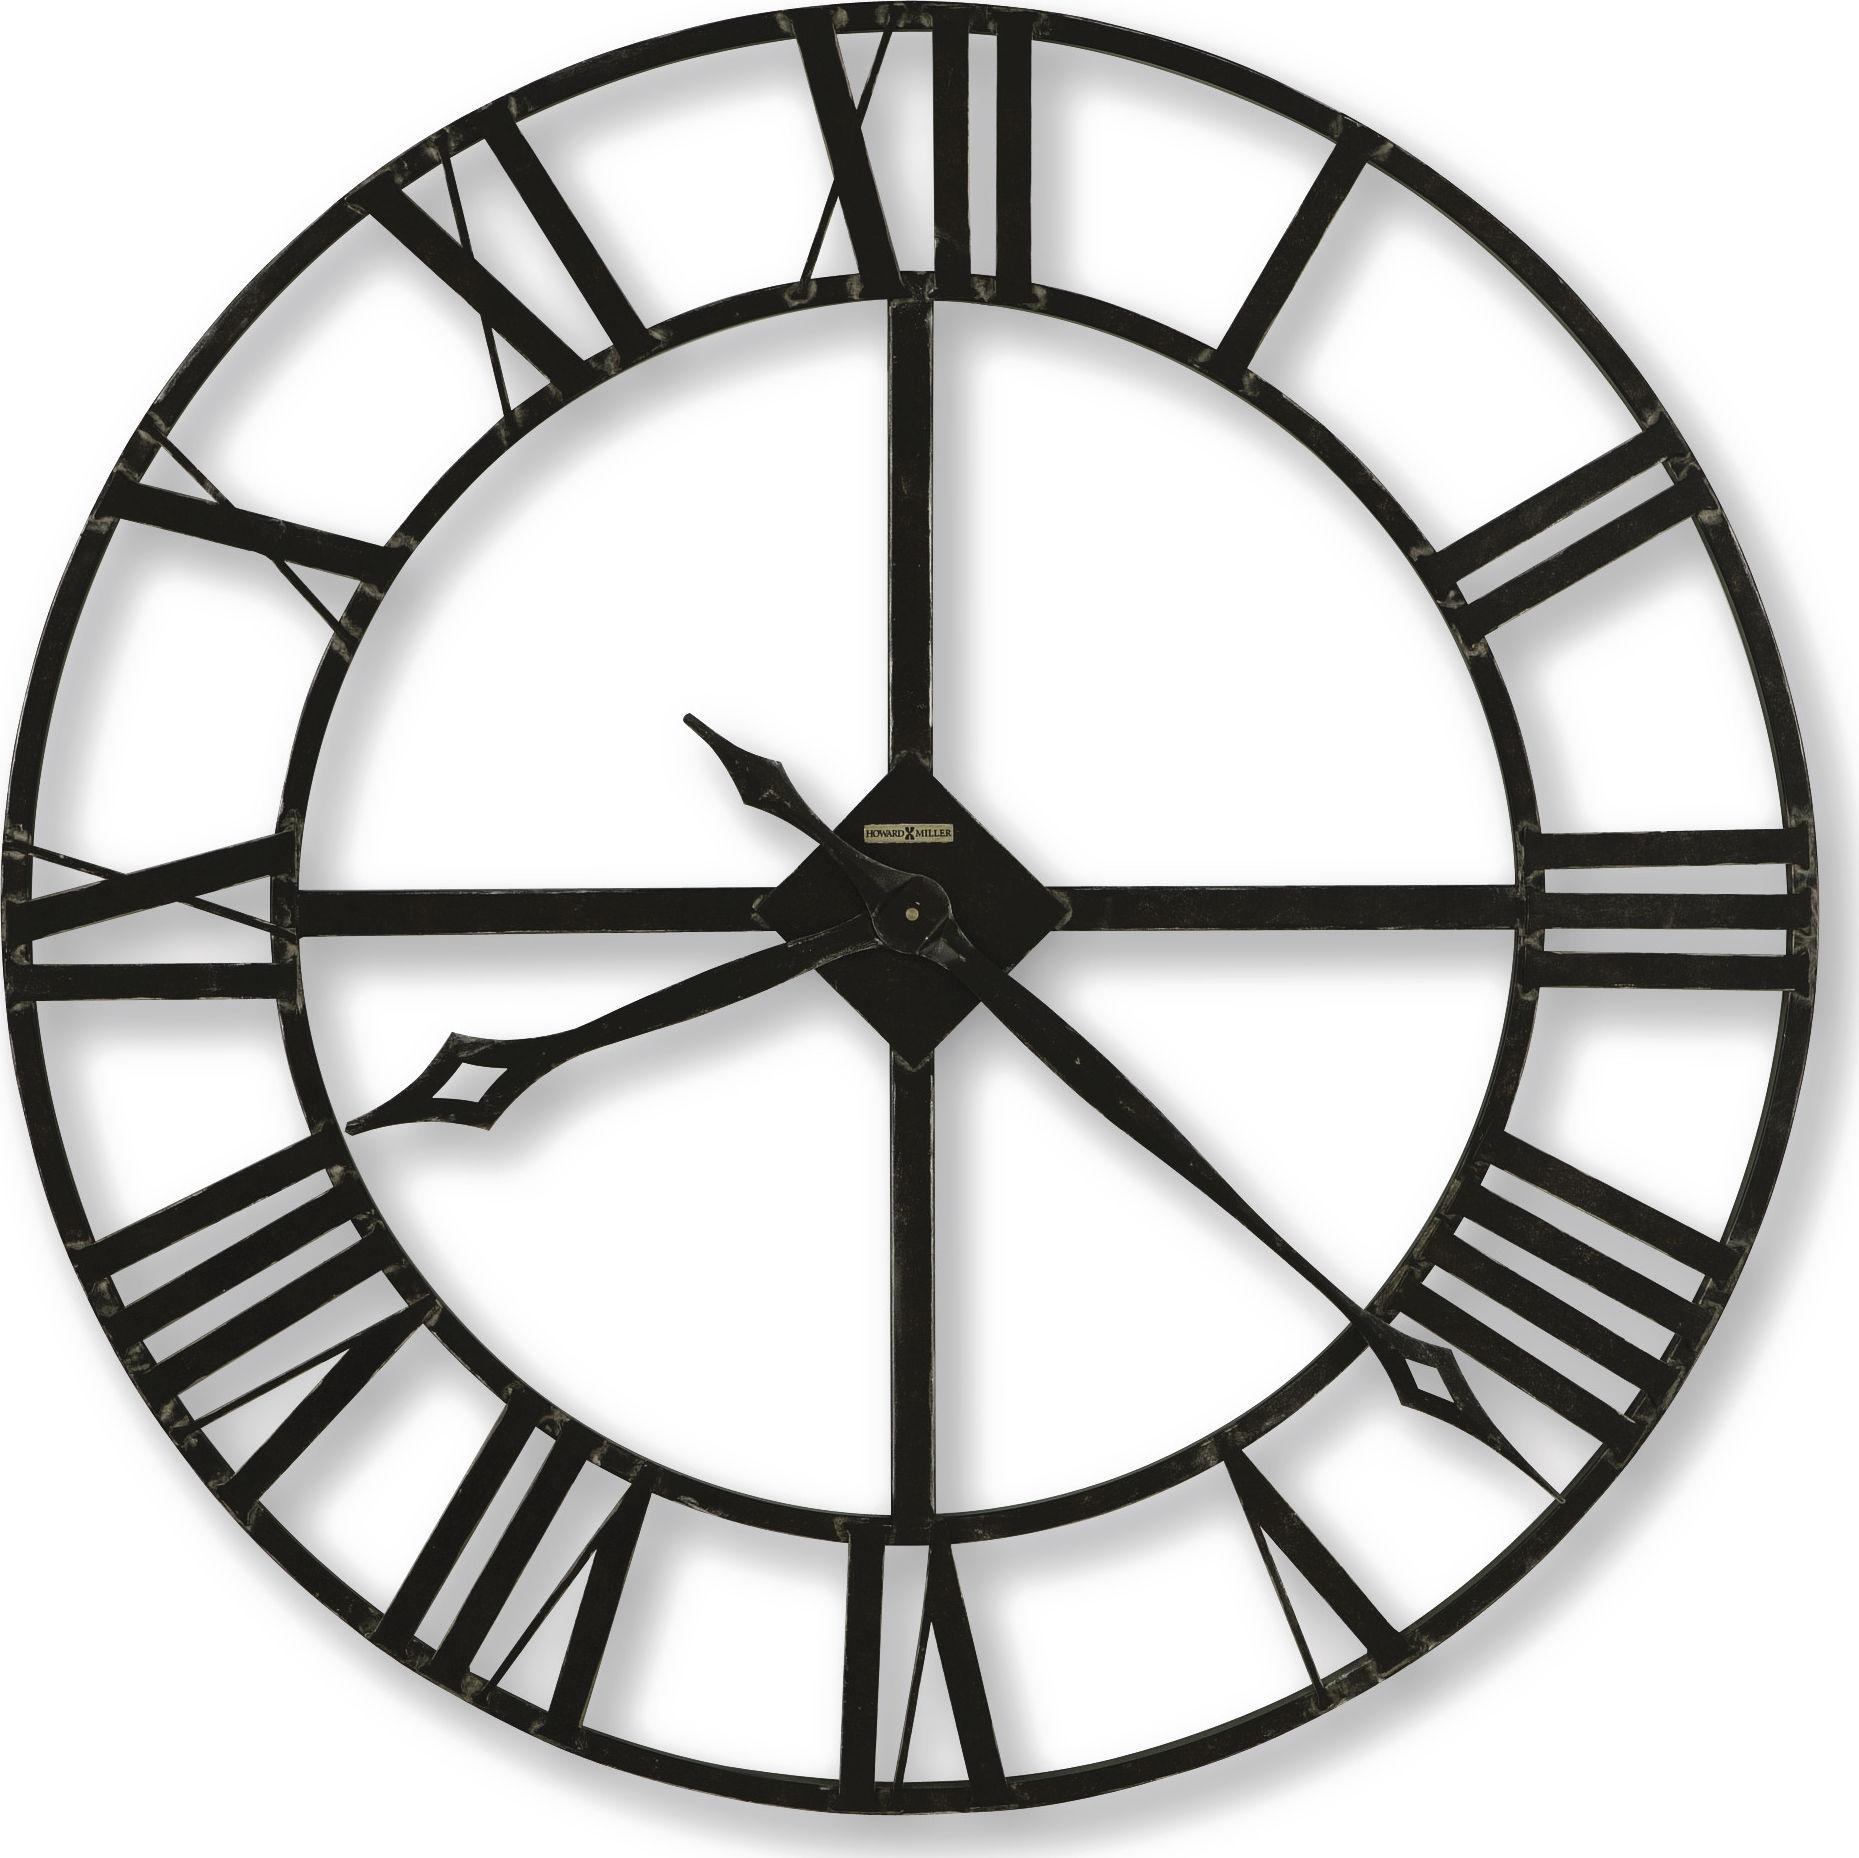 Фон для часов своими руками 516